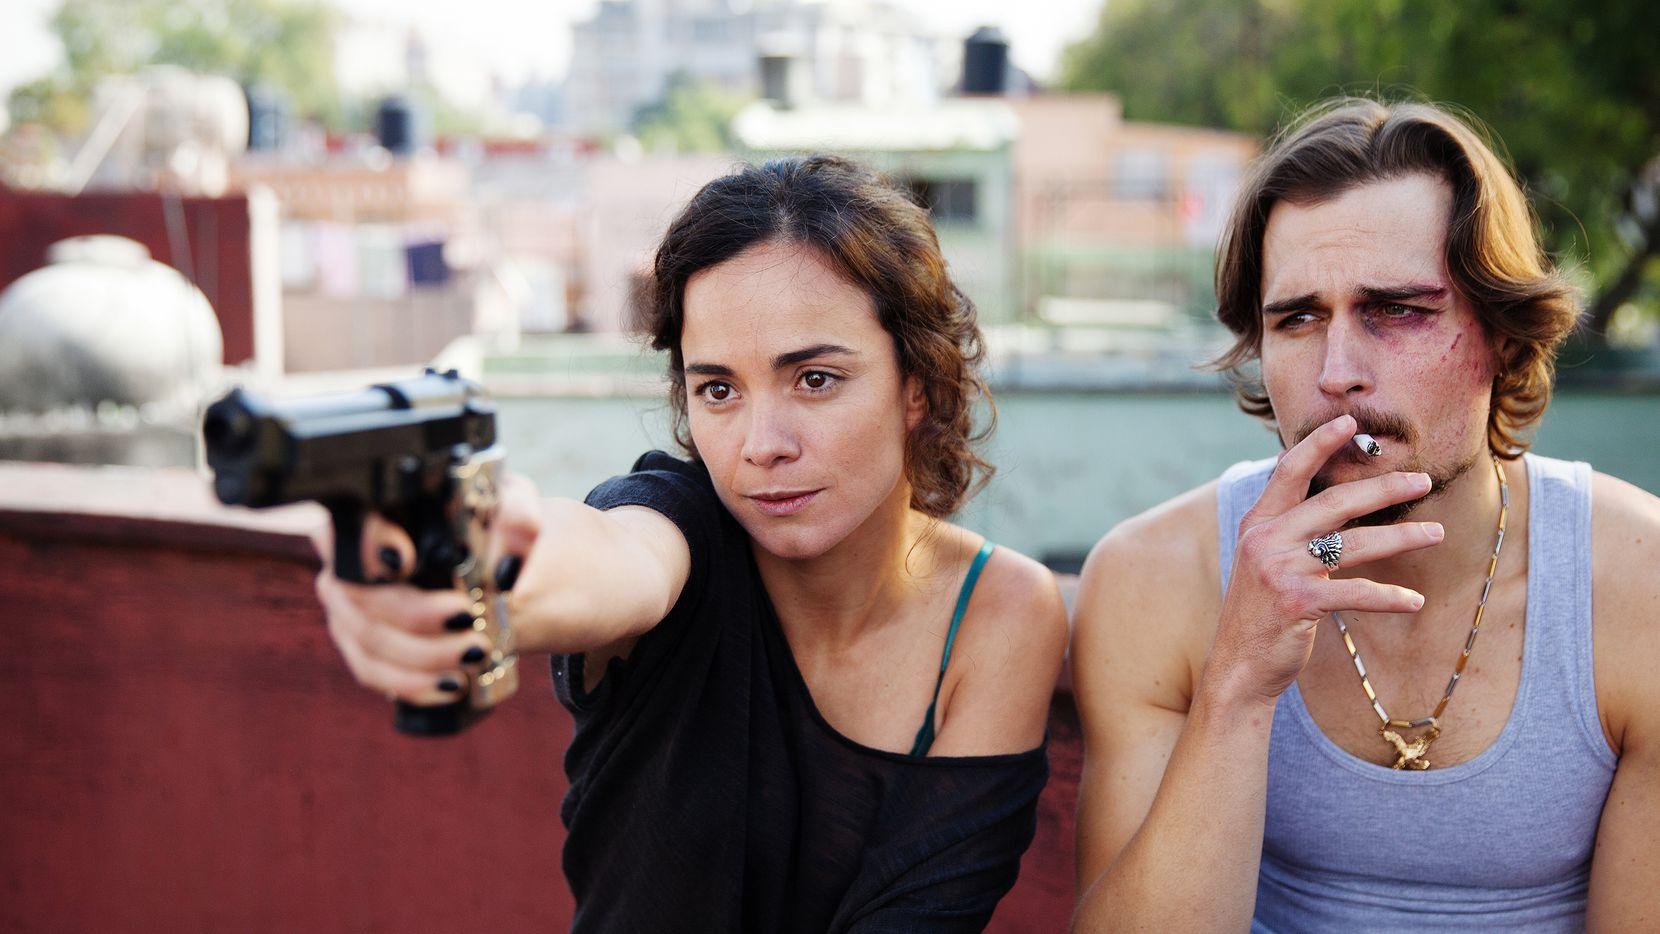 """Alice Braga as Teresa Mendoza, Jon Ecker as Guero  in """"Queen of the South."""""""